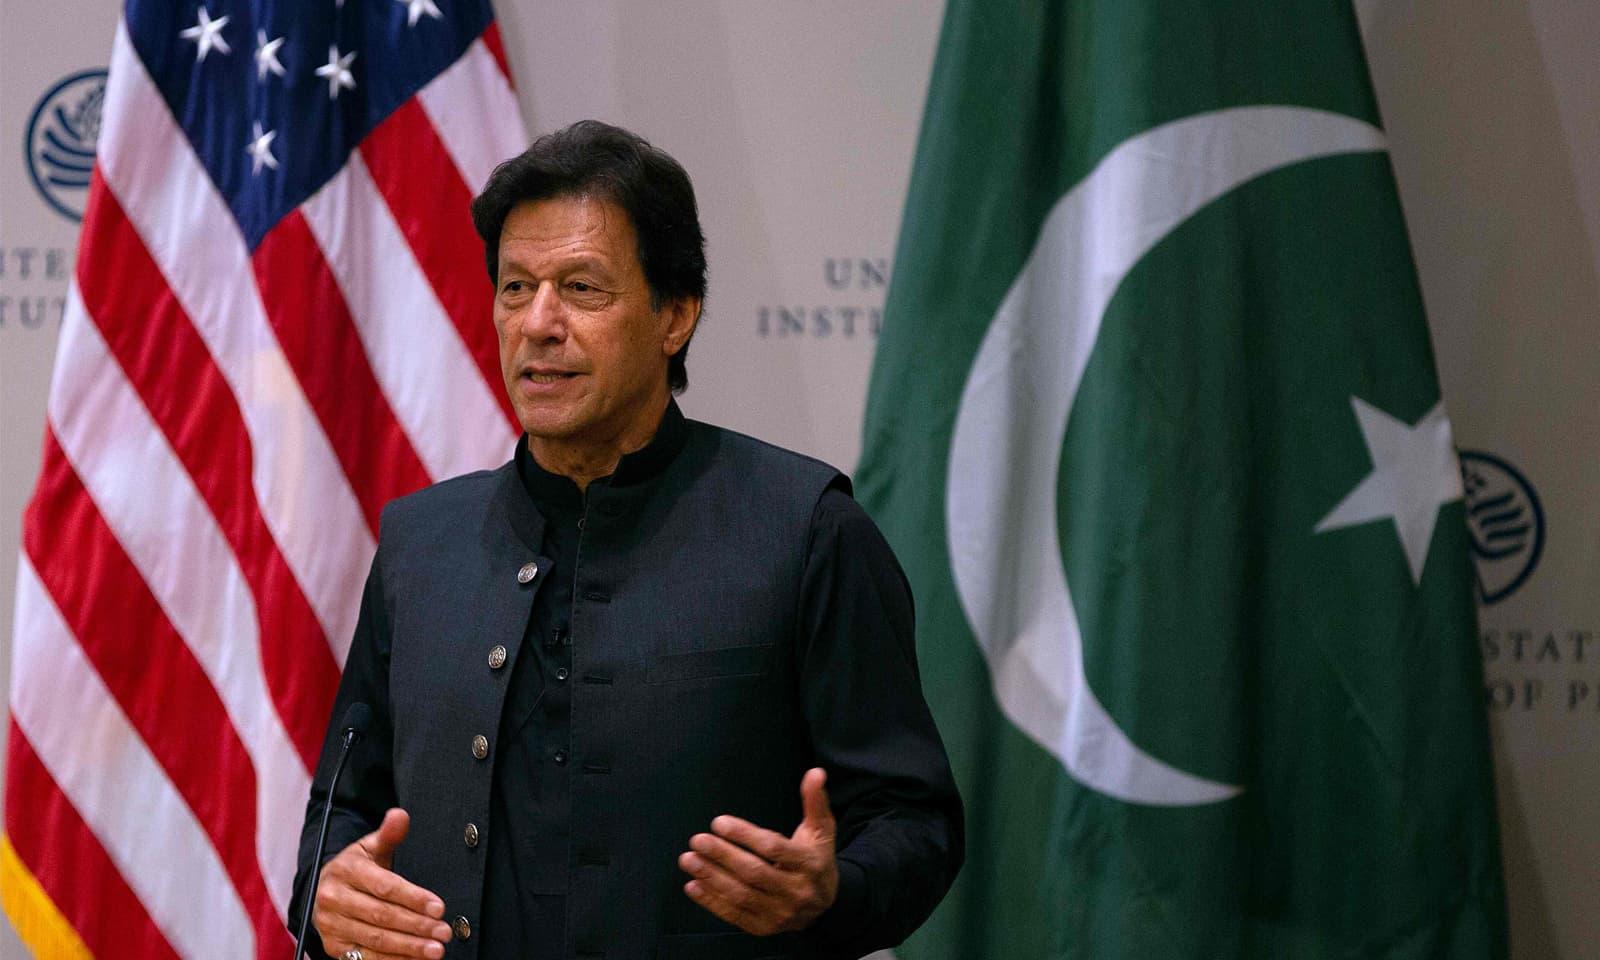 وزیراعظم عمران خان نے افغان امن عمل میں ہر ممکن تعاون کی یقین دہانی کرائی—فوٹو: اے ایف پی